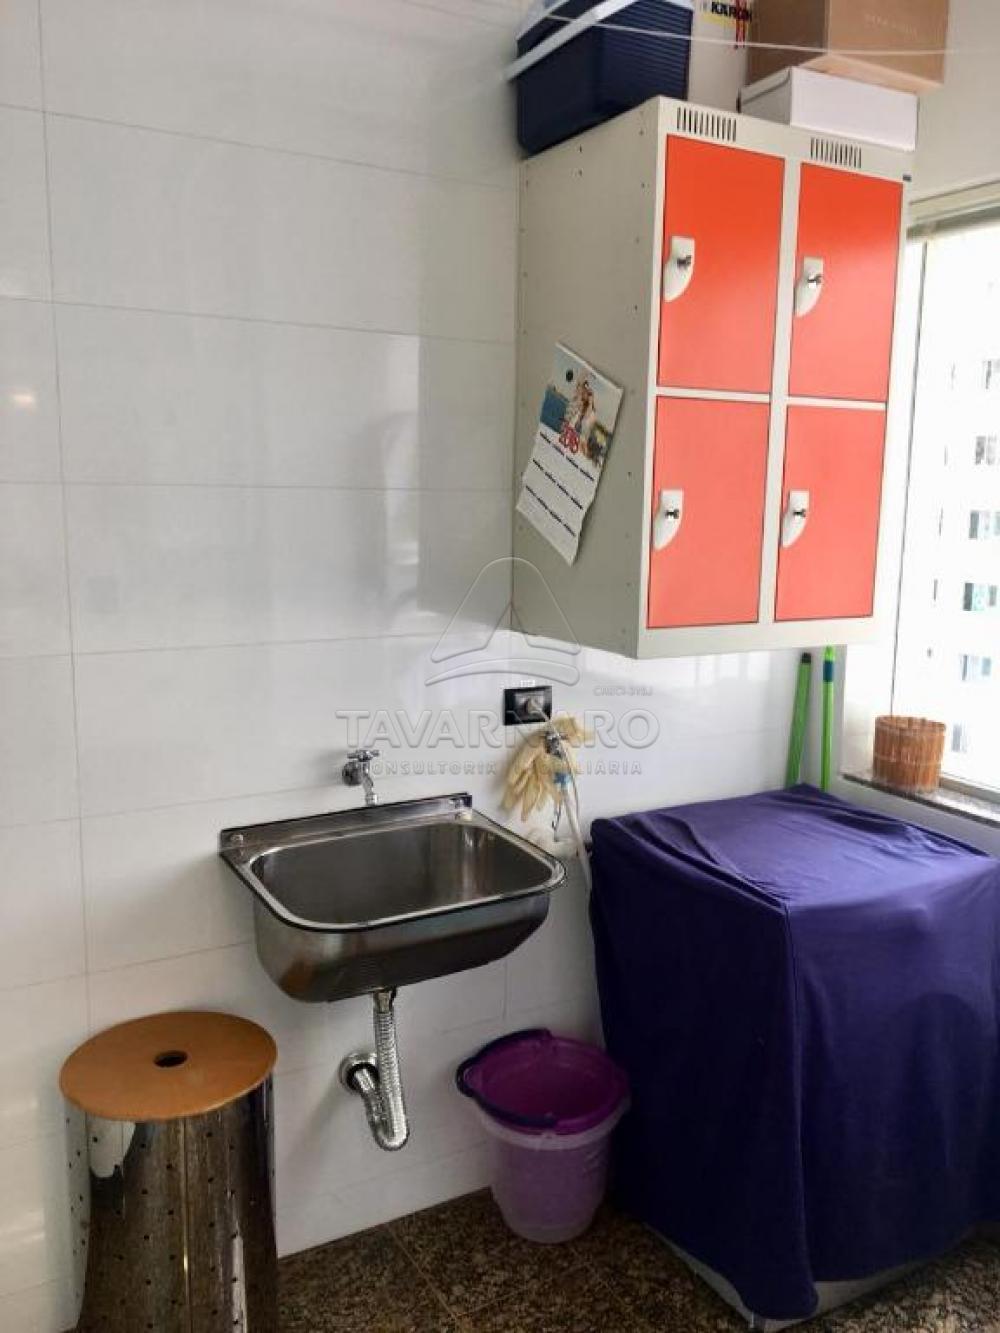 Comprar Apartamento / Padrão em Ponta Grossa R$ 620.000,00 - Foto 27